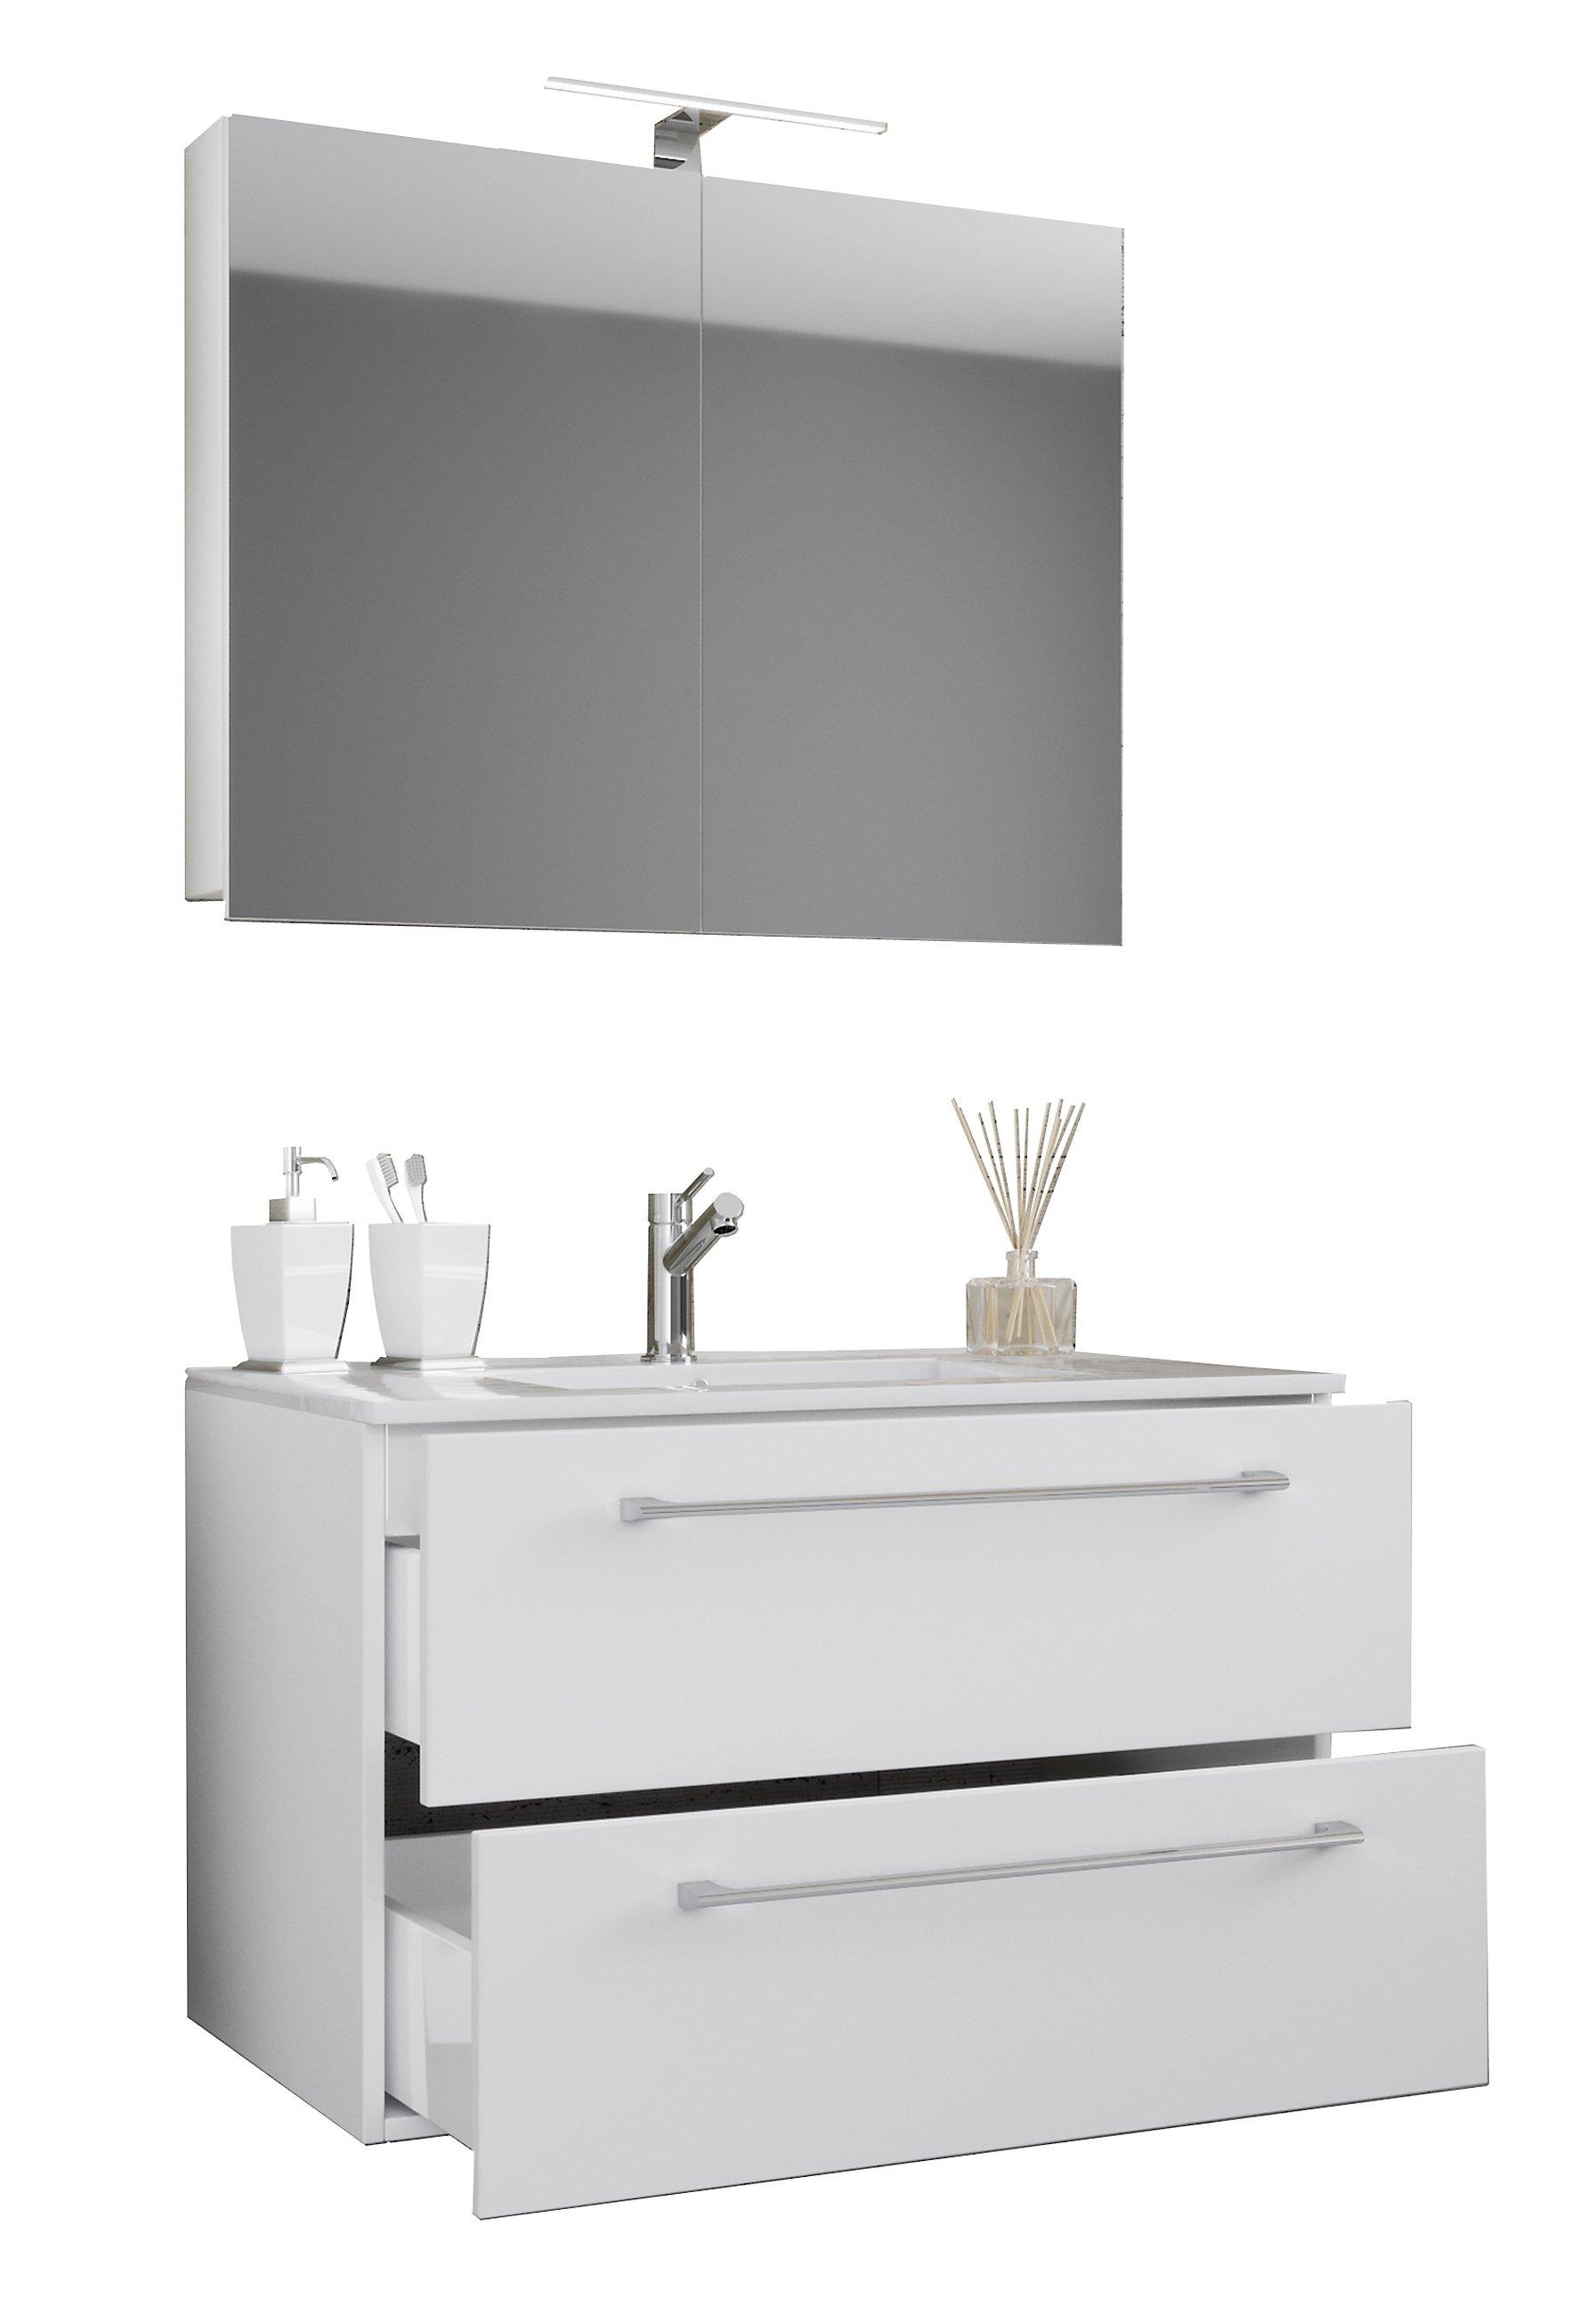 Schubladen Badezimmer | Vcm 3 Tlg Waschplatz Badmobel Badezimmer Set Waschtisch Waschbecken